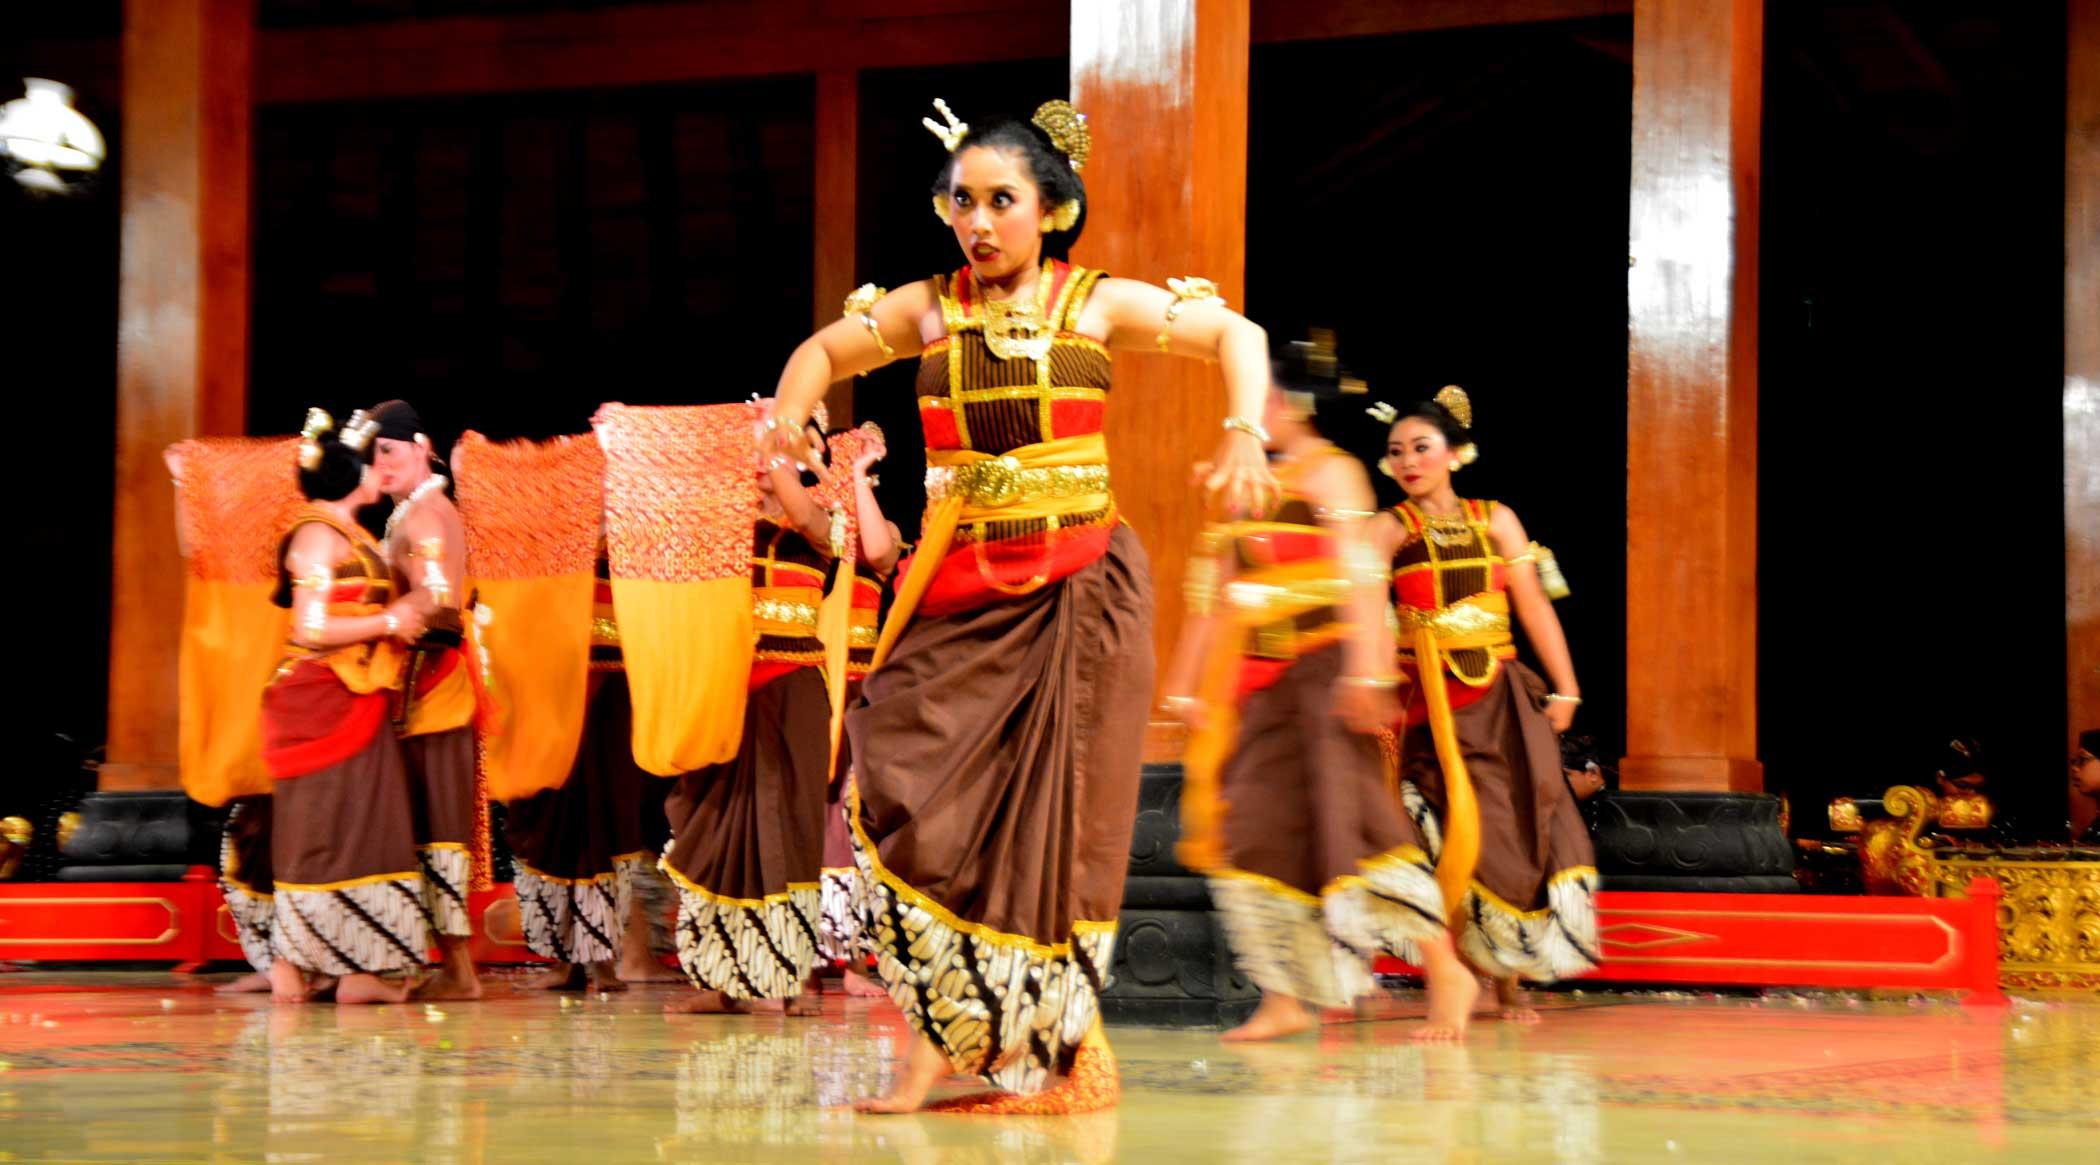 Tokoh Nyi Ingas, Riris Aisyah. Foto: Nara